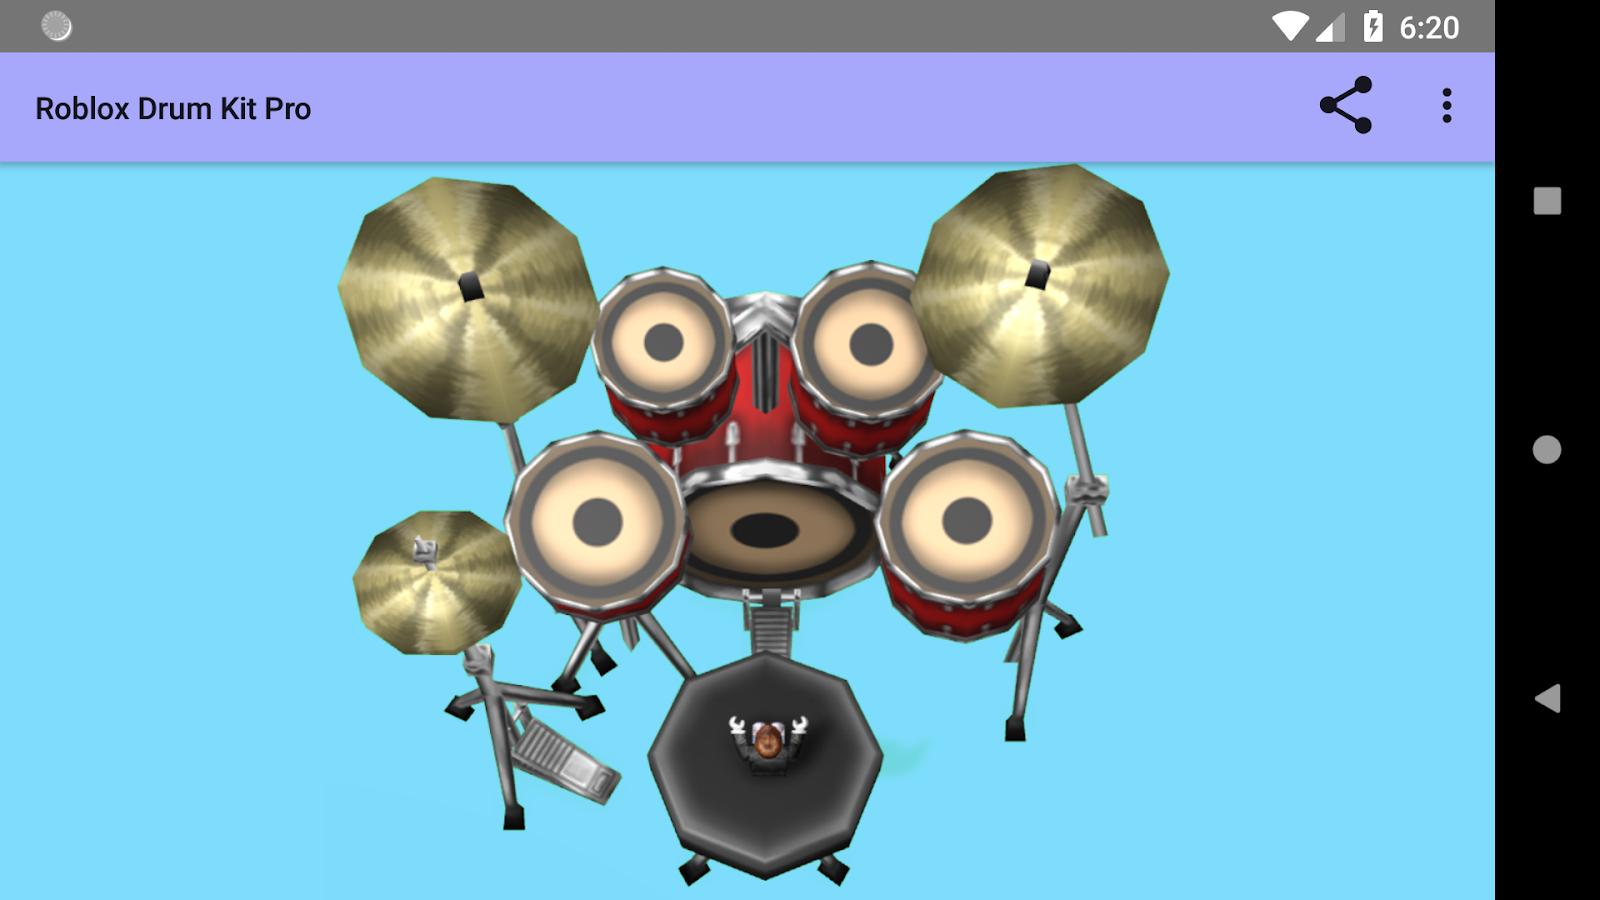 Pro Roblox Oof Drum Kit - Death Sound Meme Drums 1 3 0 APK Download